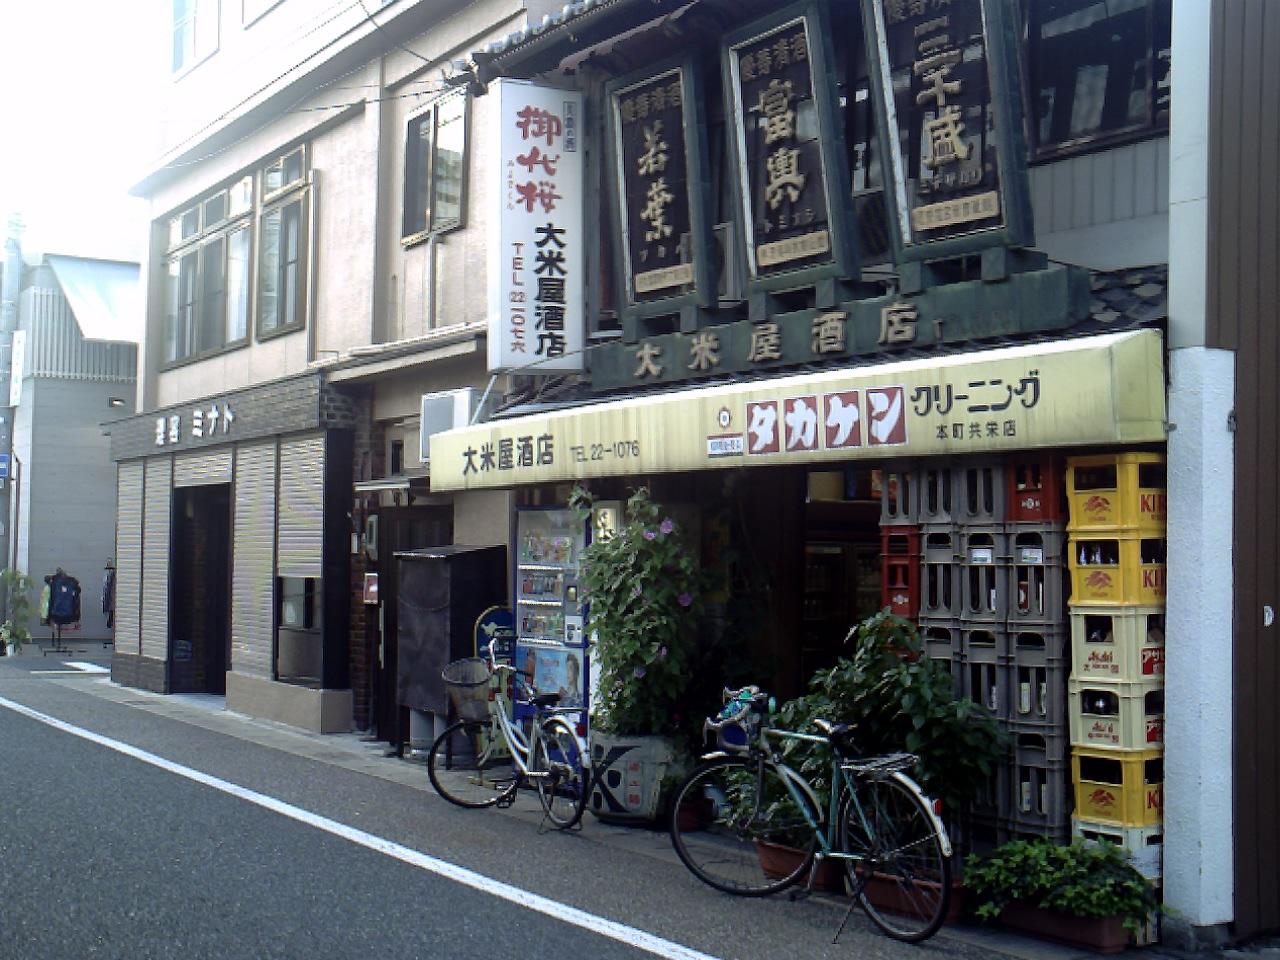 08-8二川宿本陣・多治見夏街 006.jpg